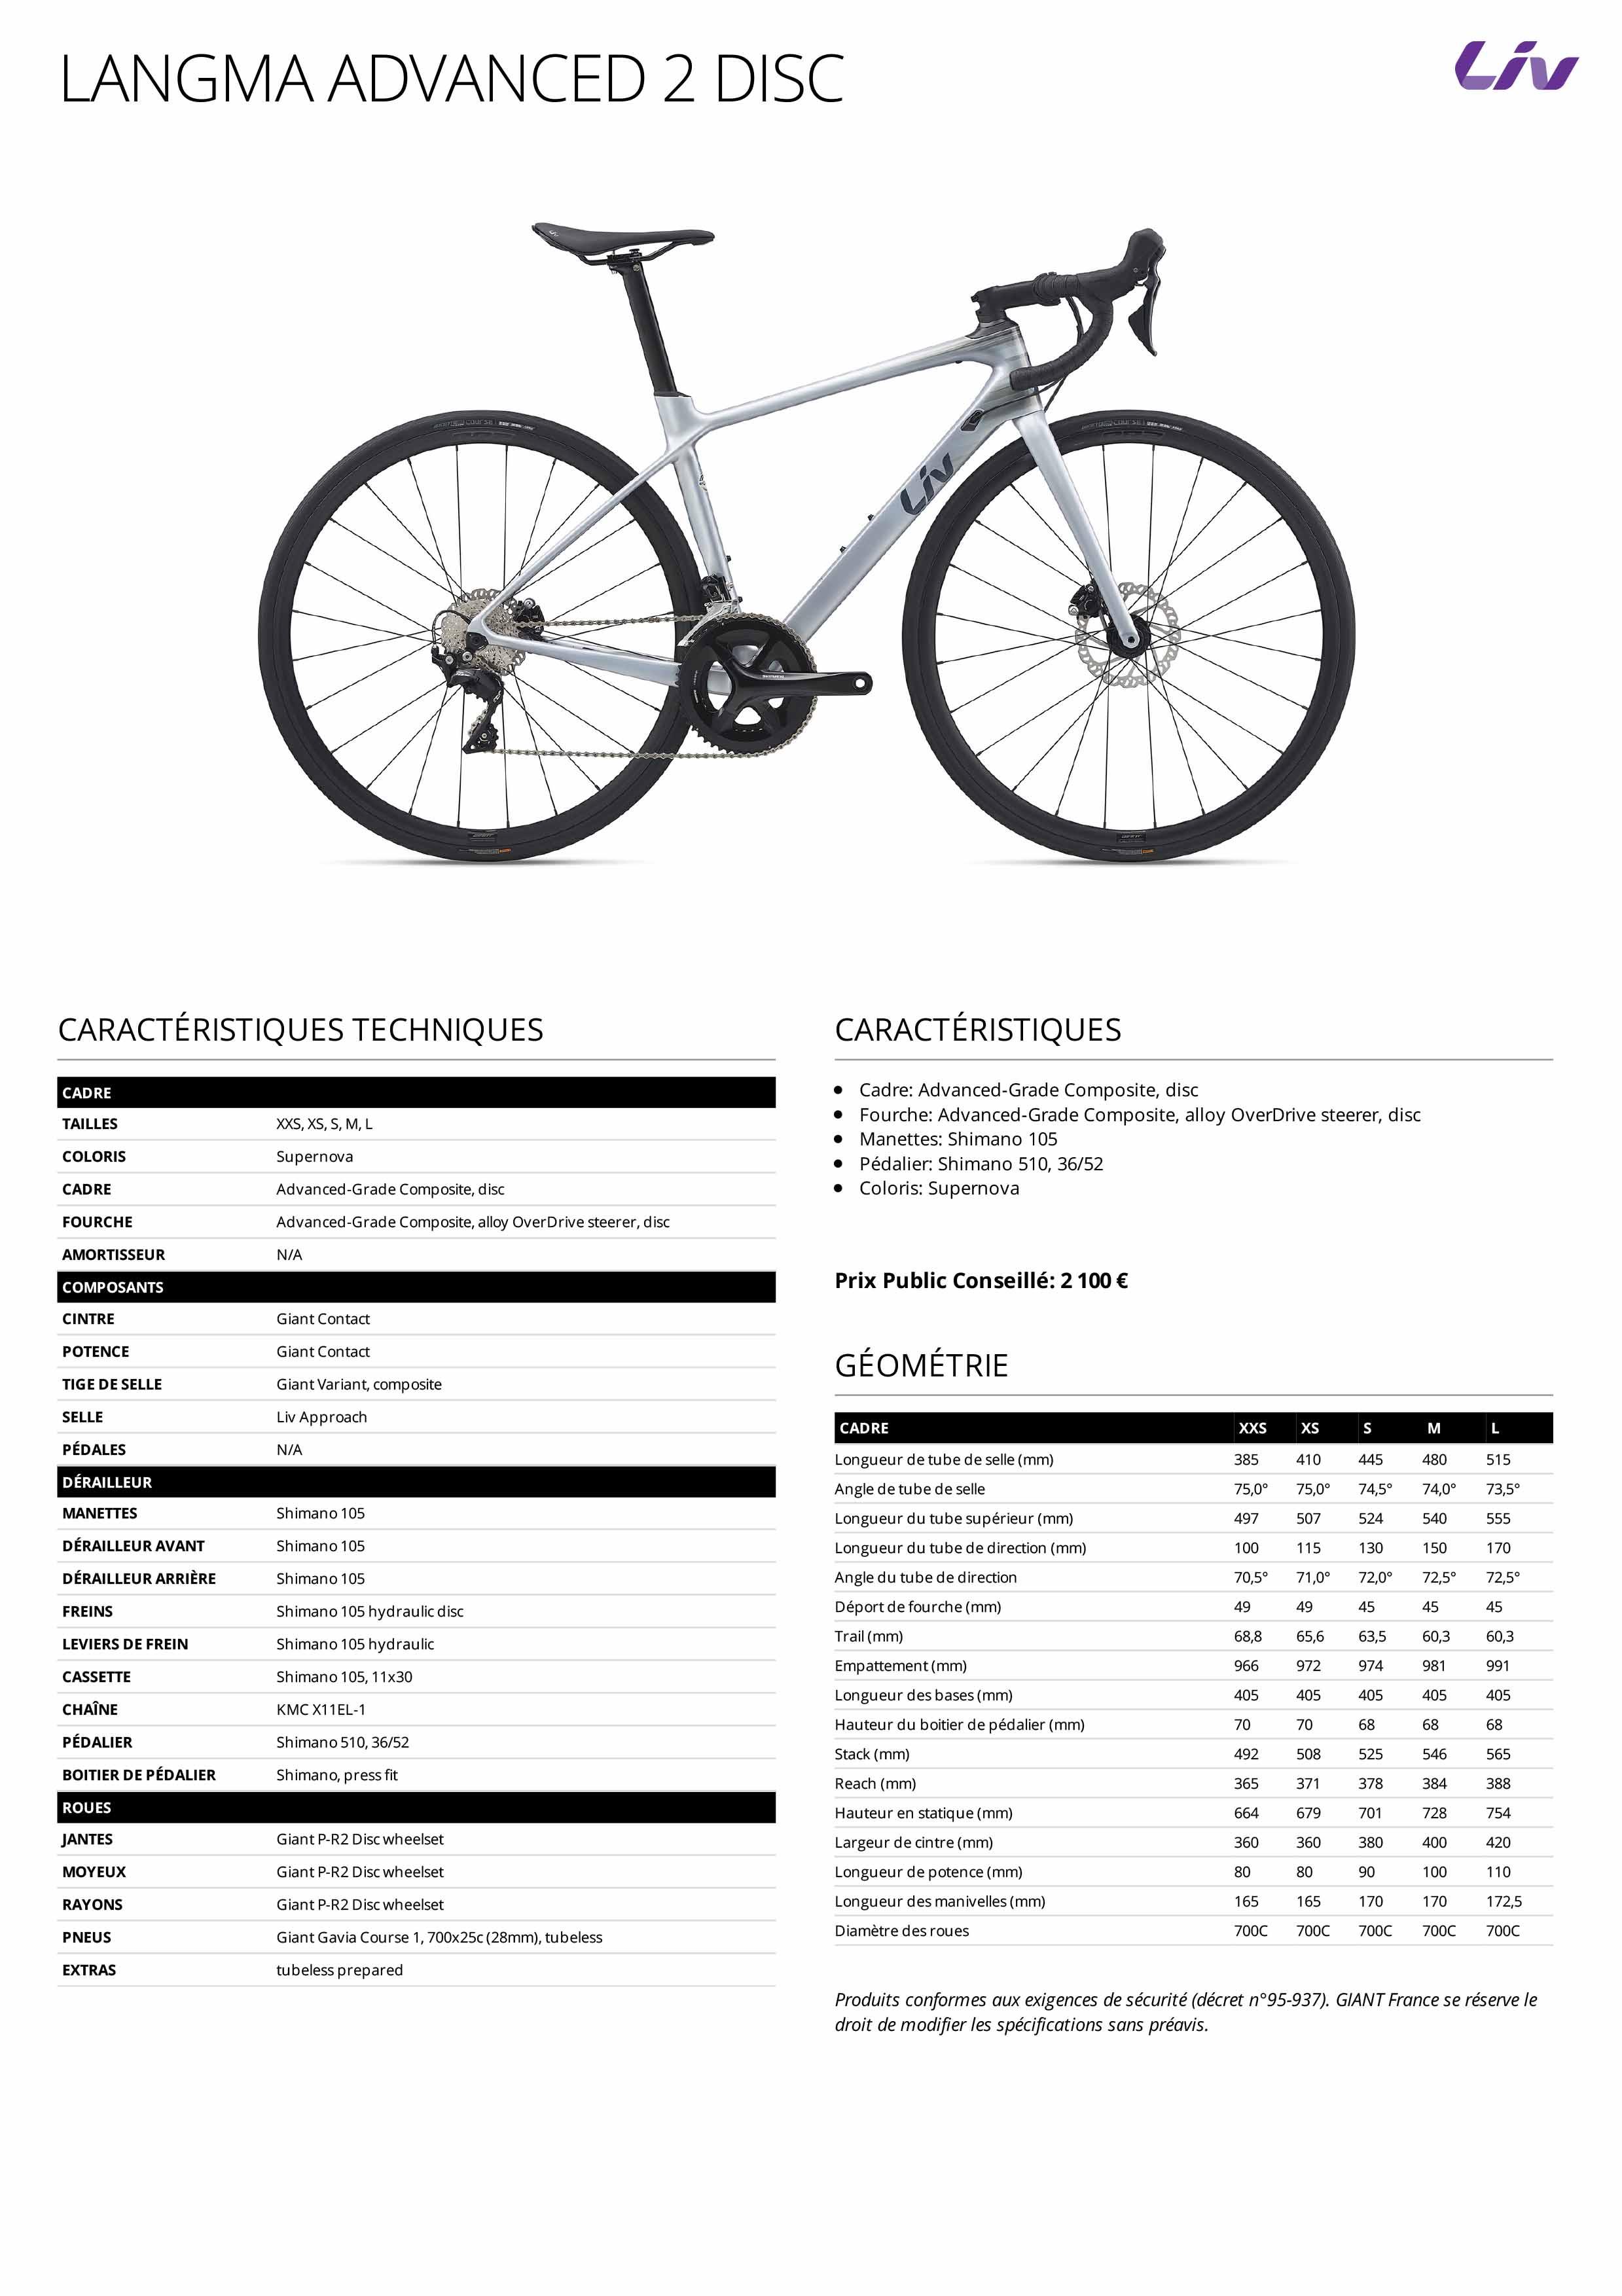 Fiche technique vélo LIV Langma Advanced 2 Disc 2021